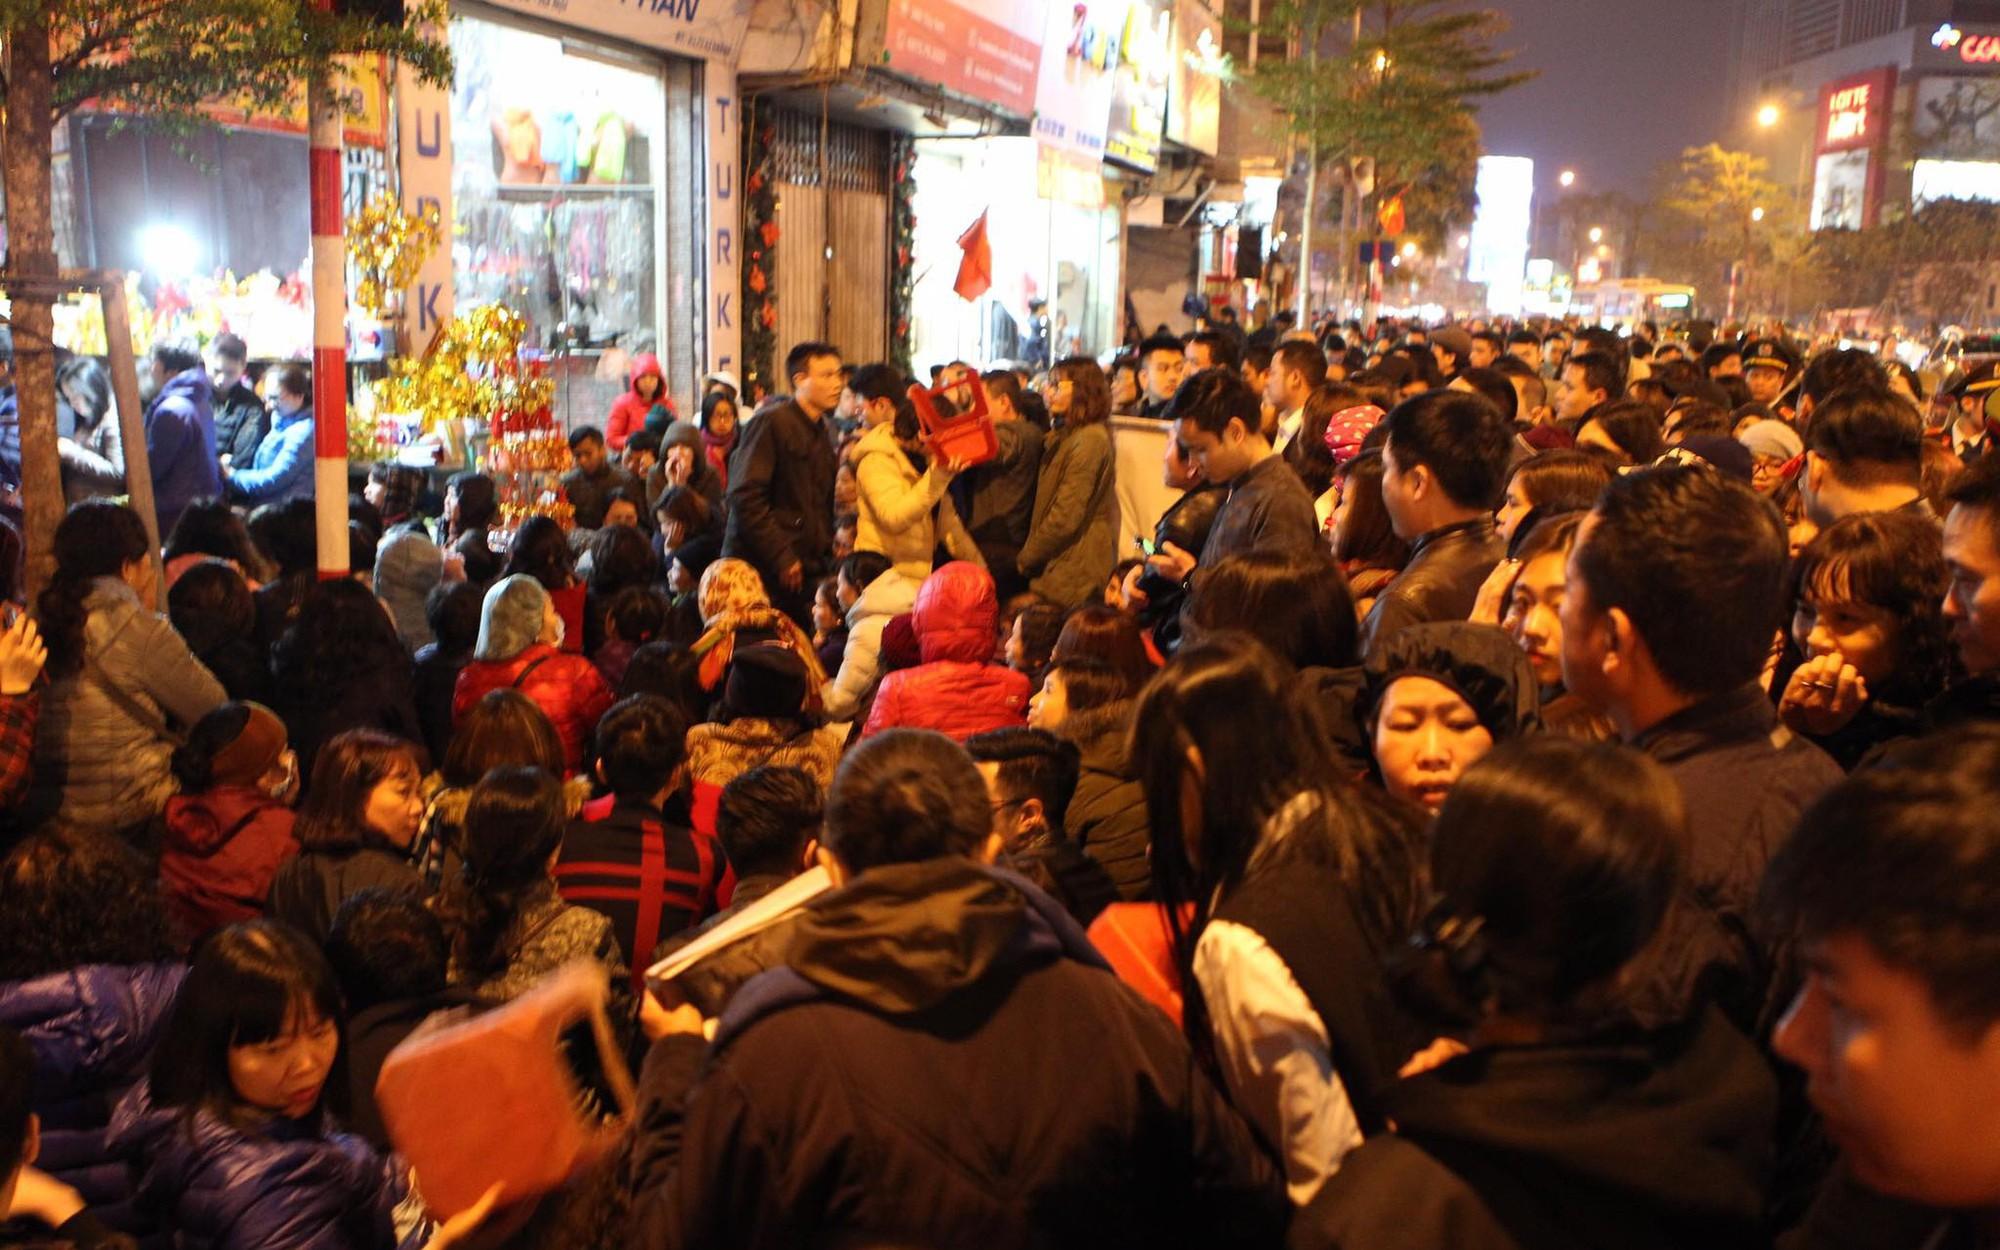 Chùm ảnh: Hàng nghìn người dân đổ về chùa Phúc Khánh cúng sao giải hạn đầu năm